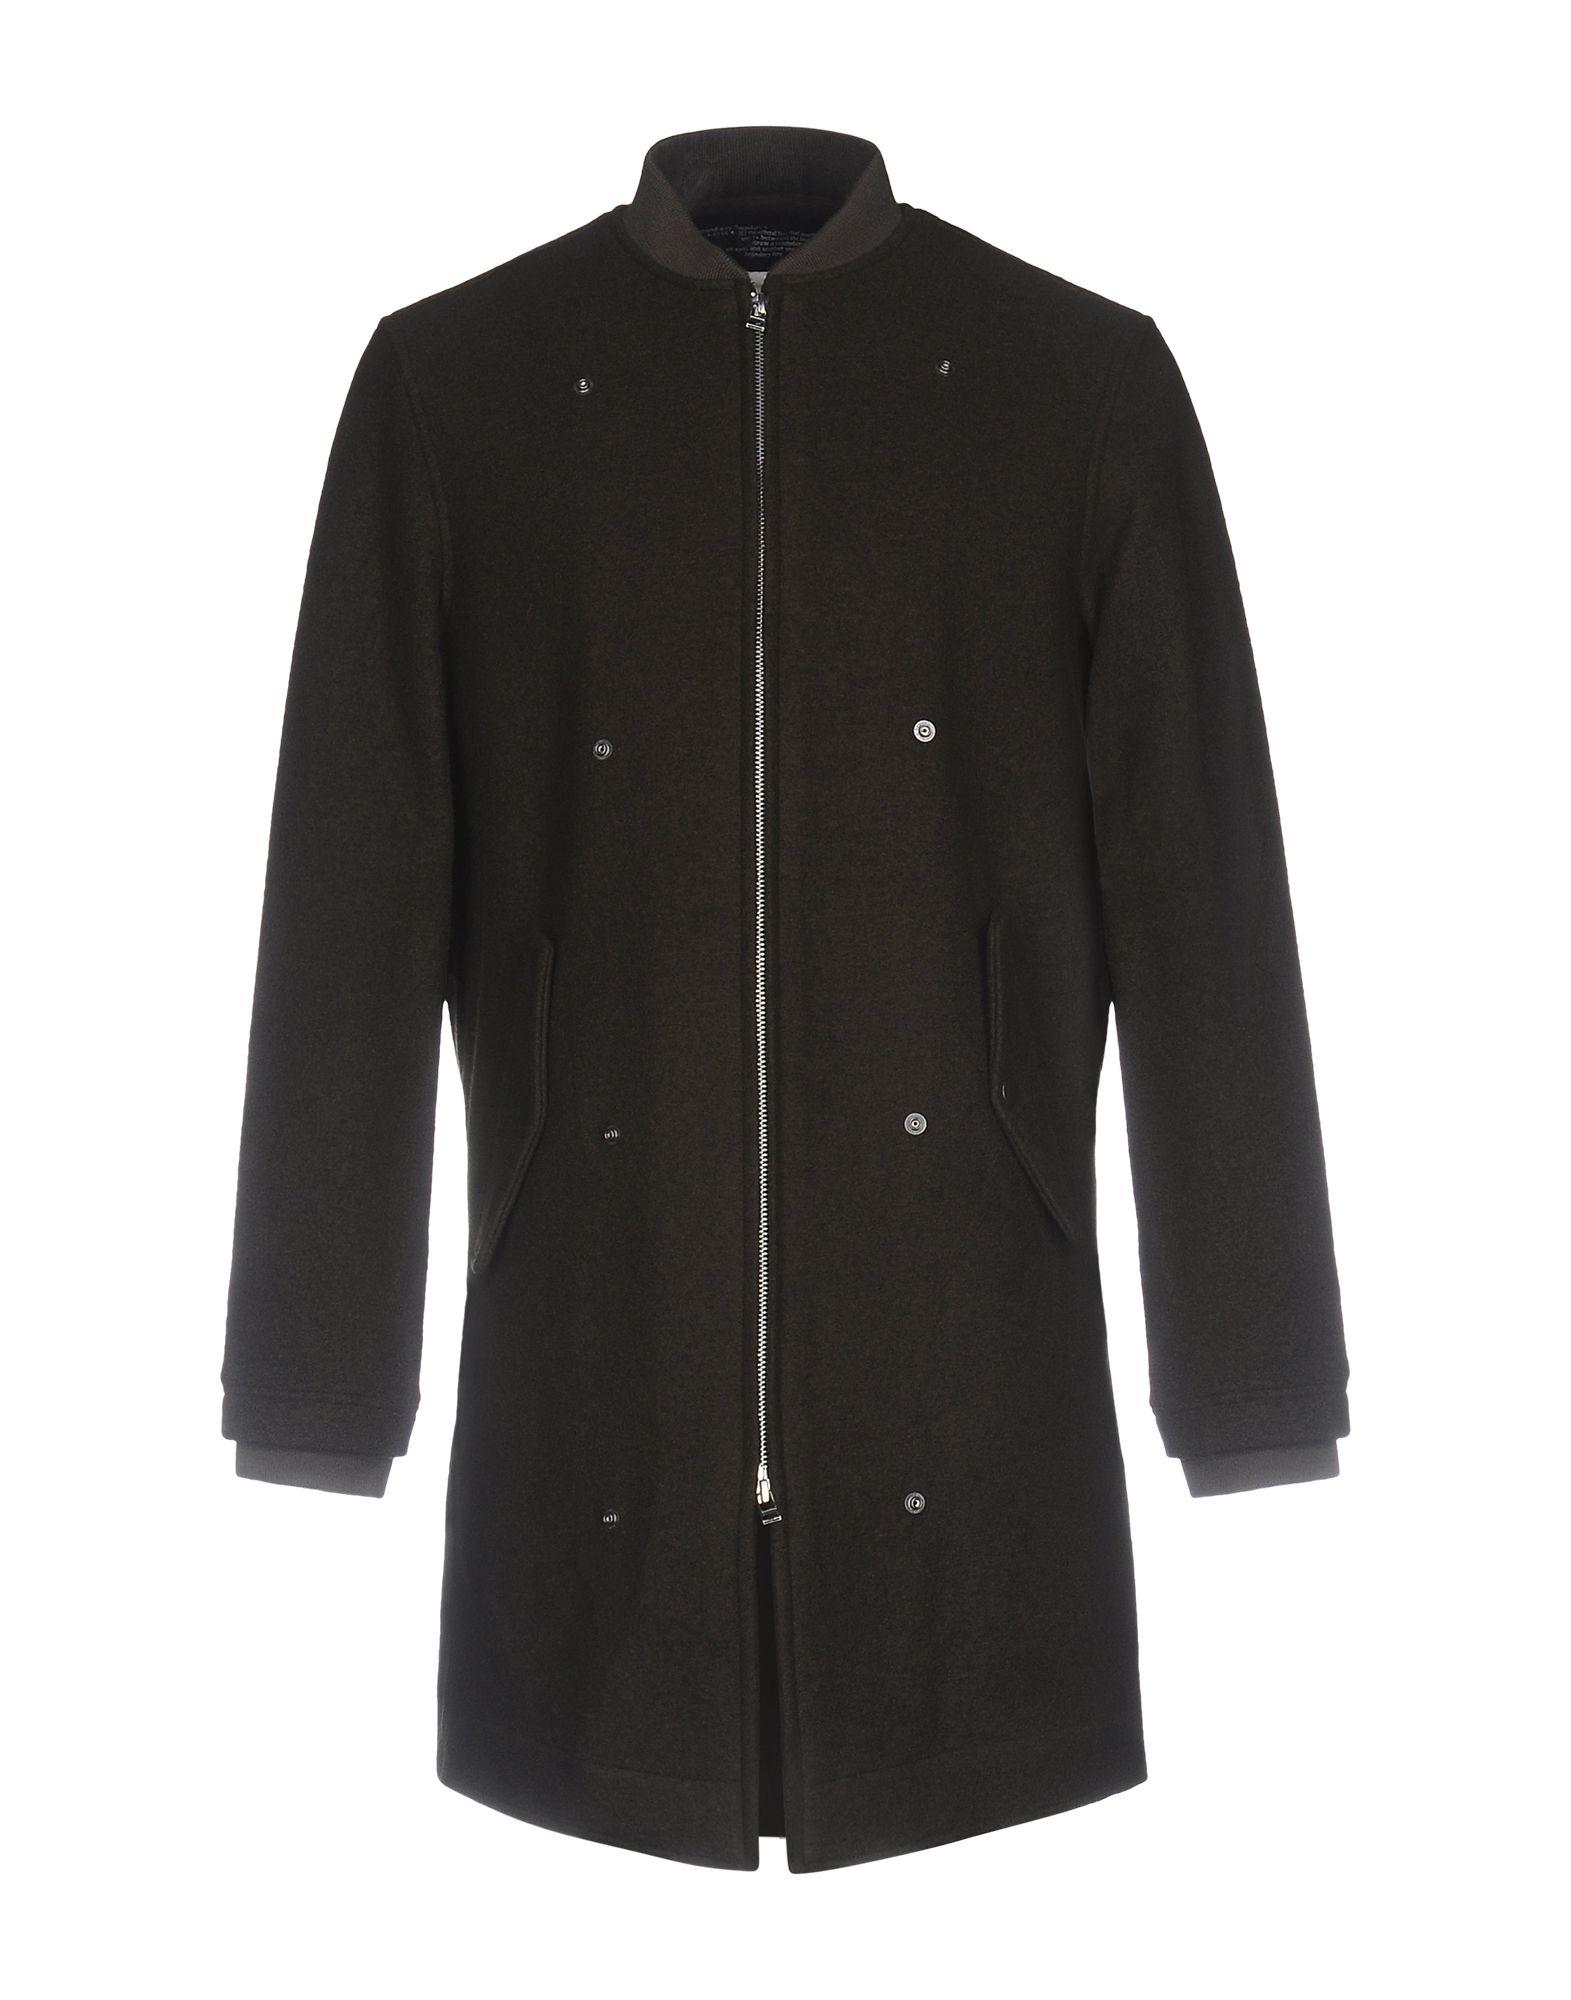 CY CHOI Herren Jacke Farbe Dunkelgrün Größe 3 jetztbilligerkaufen